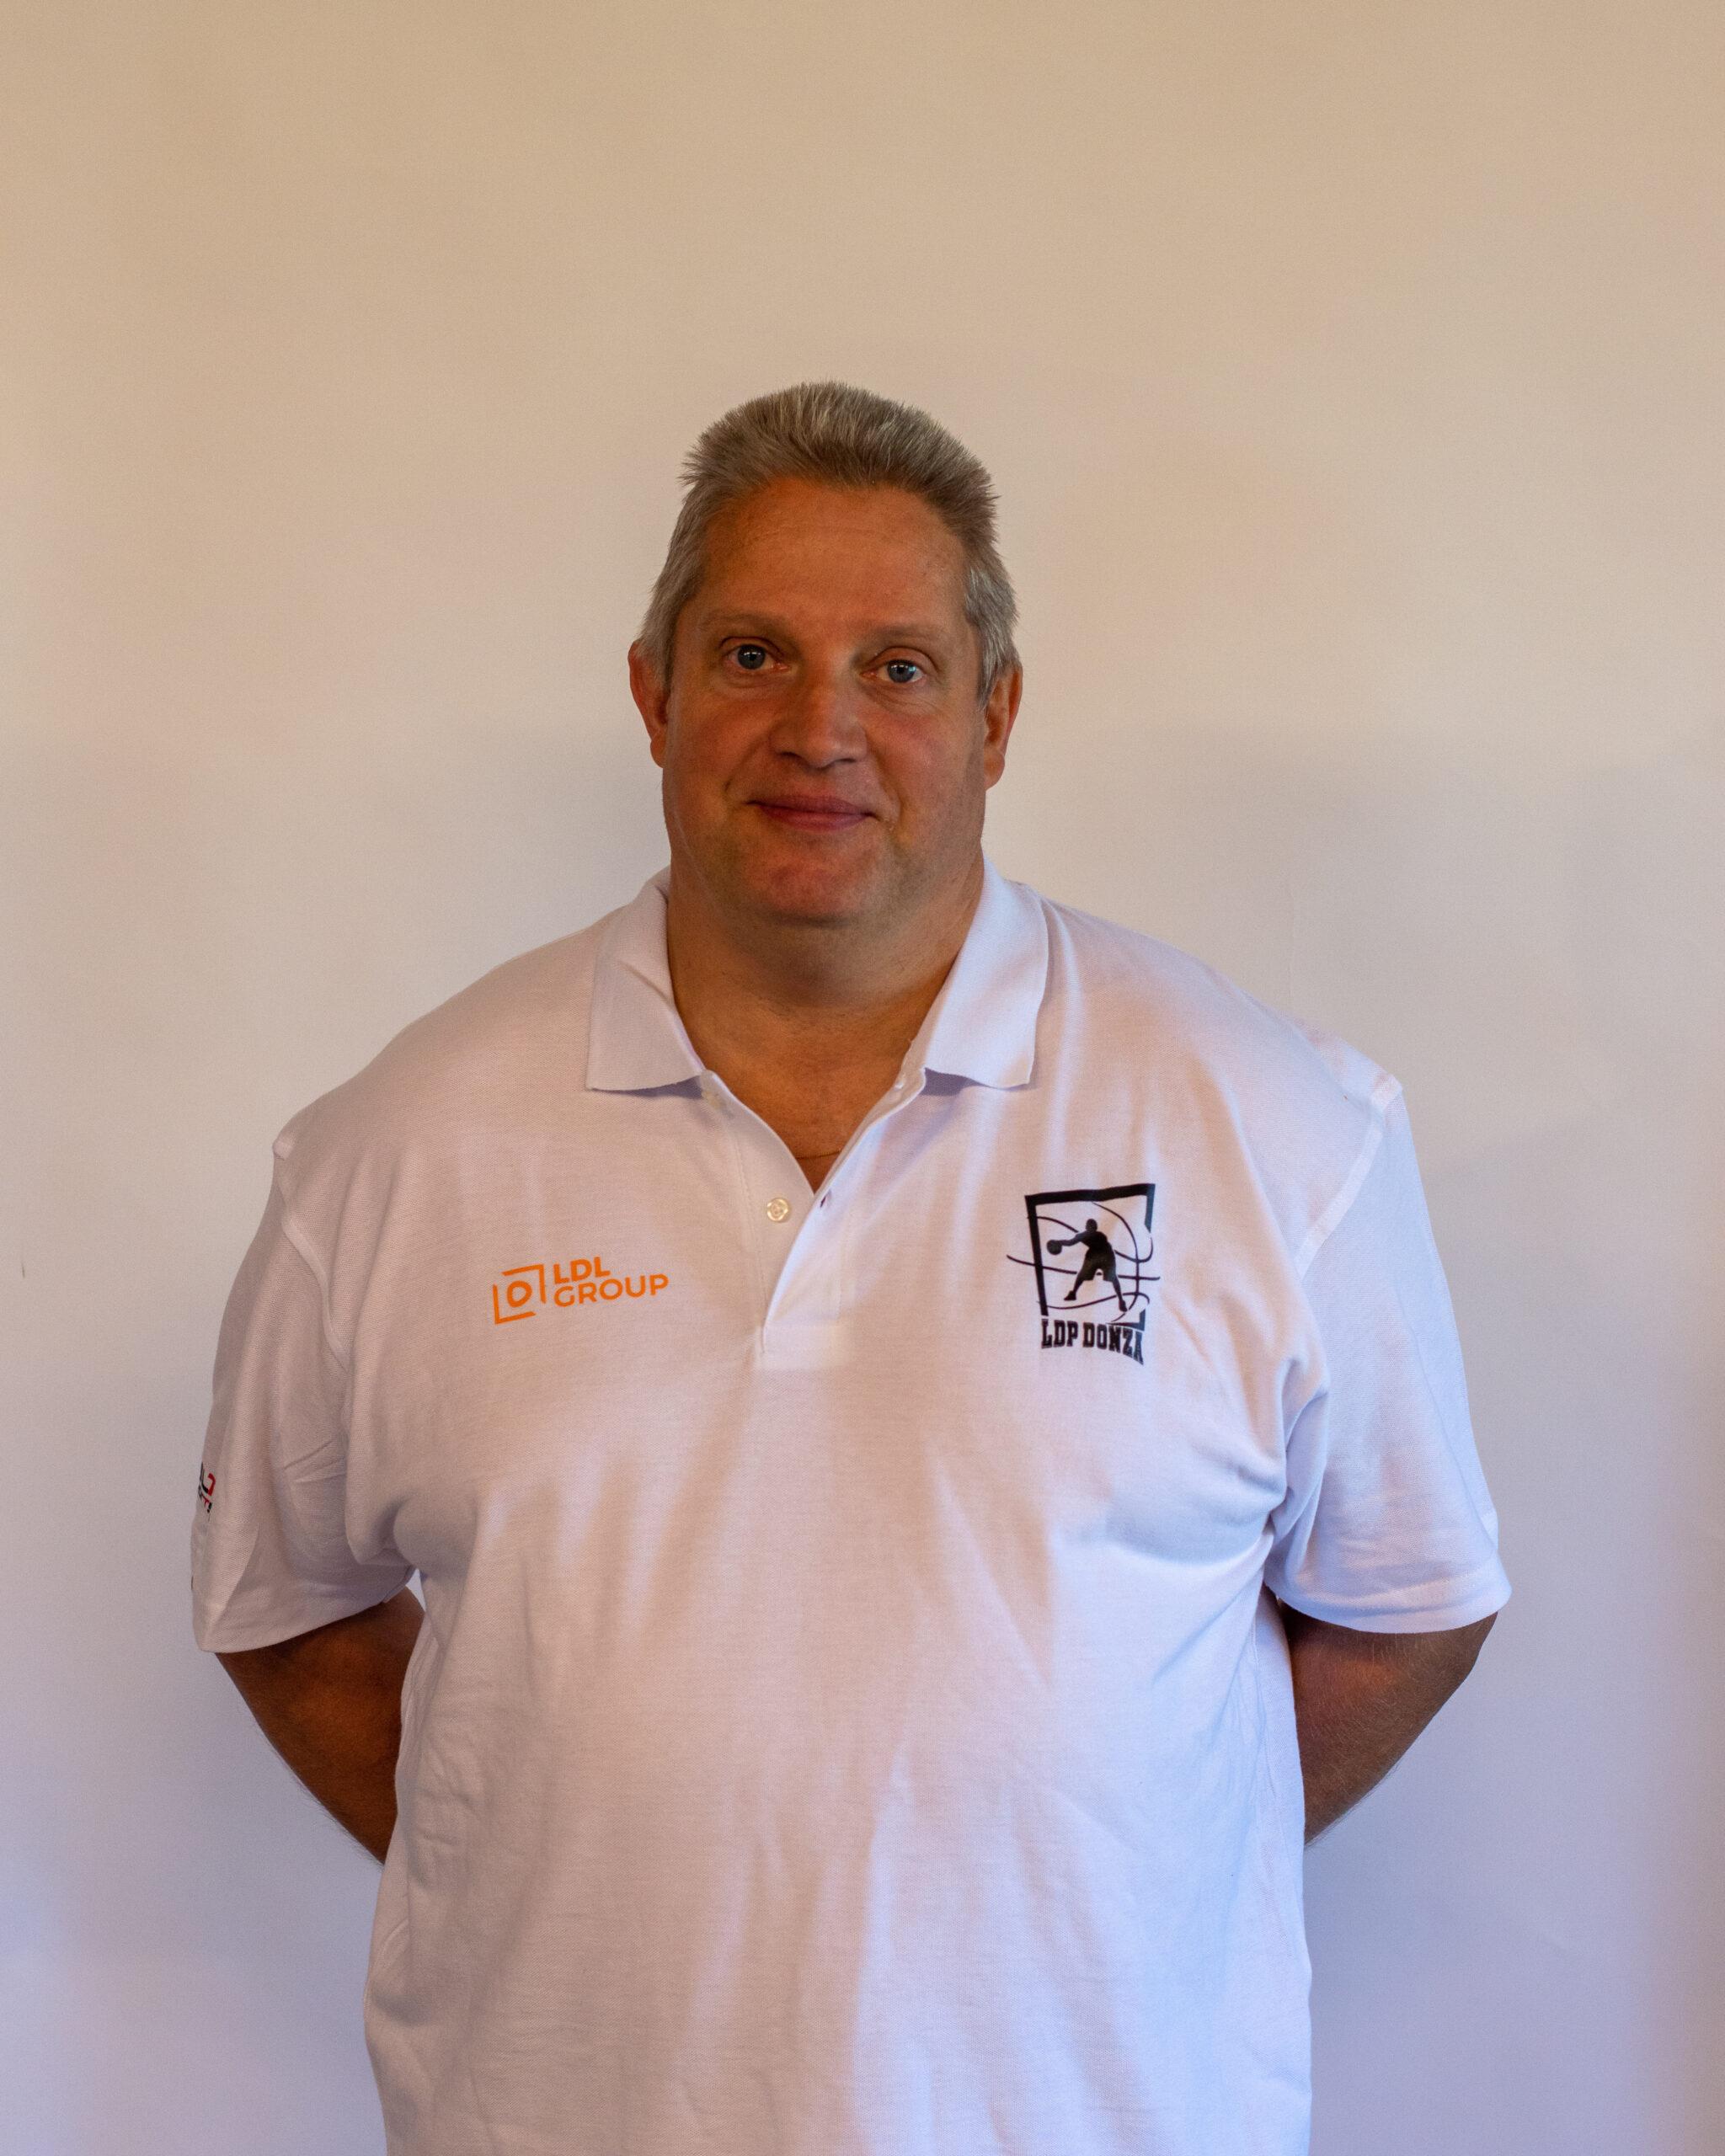 Kris Van Erum